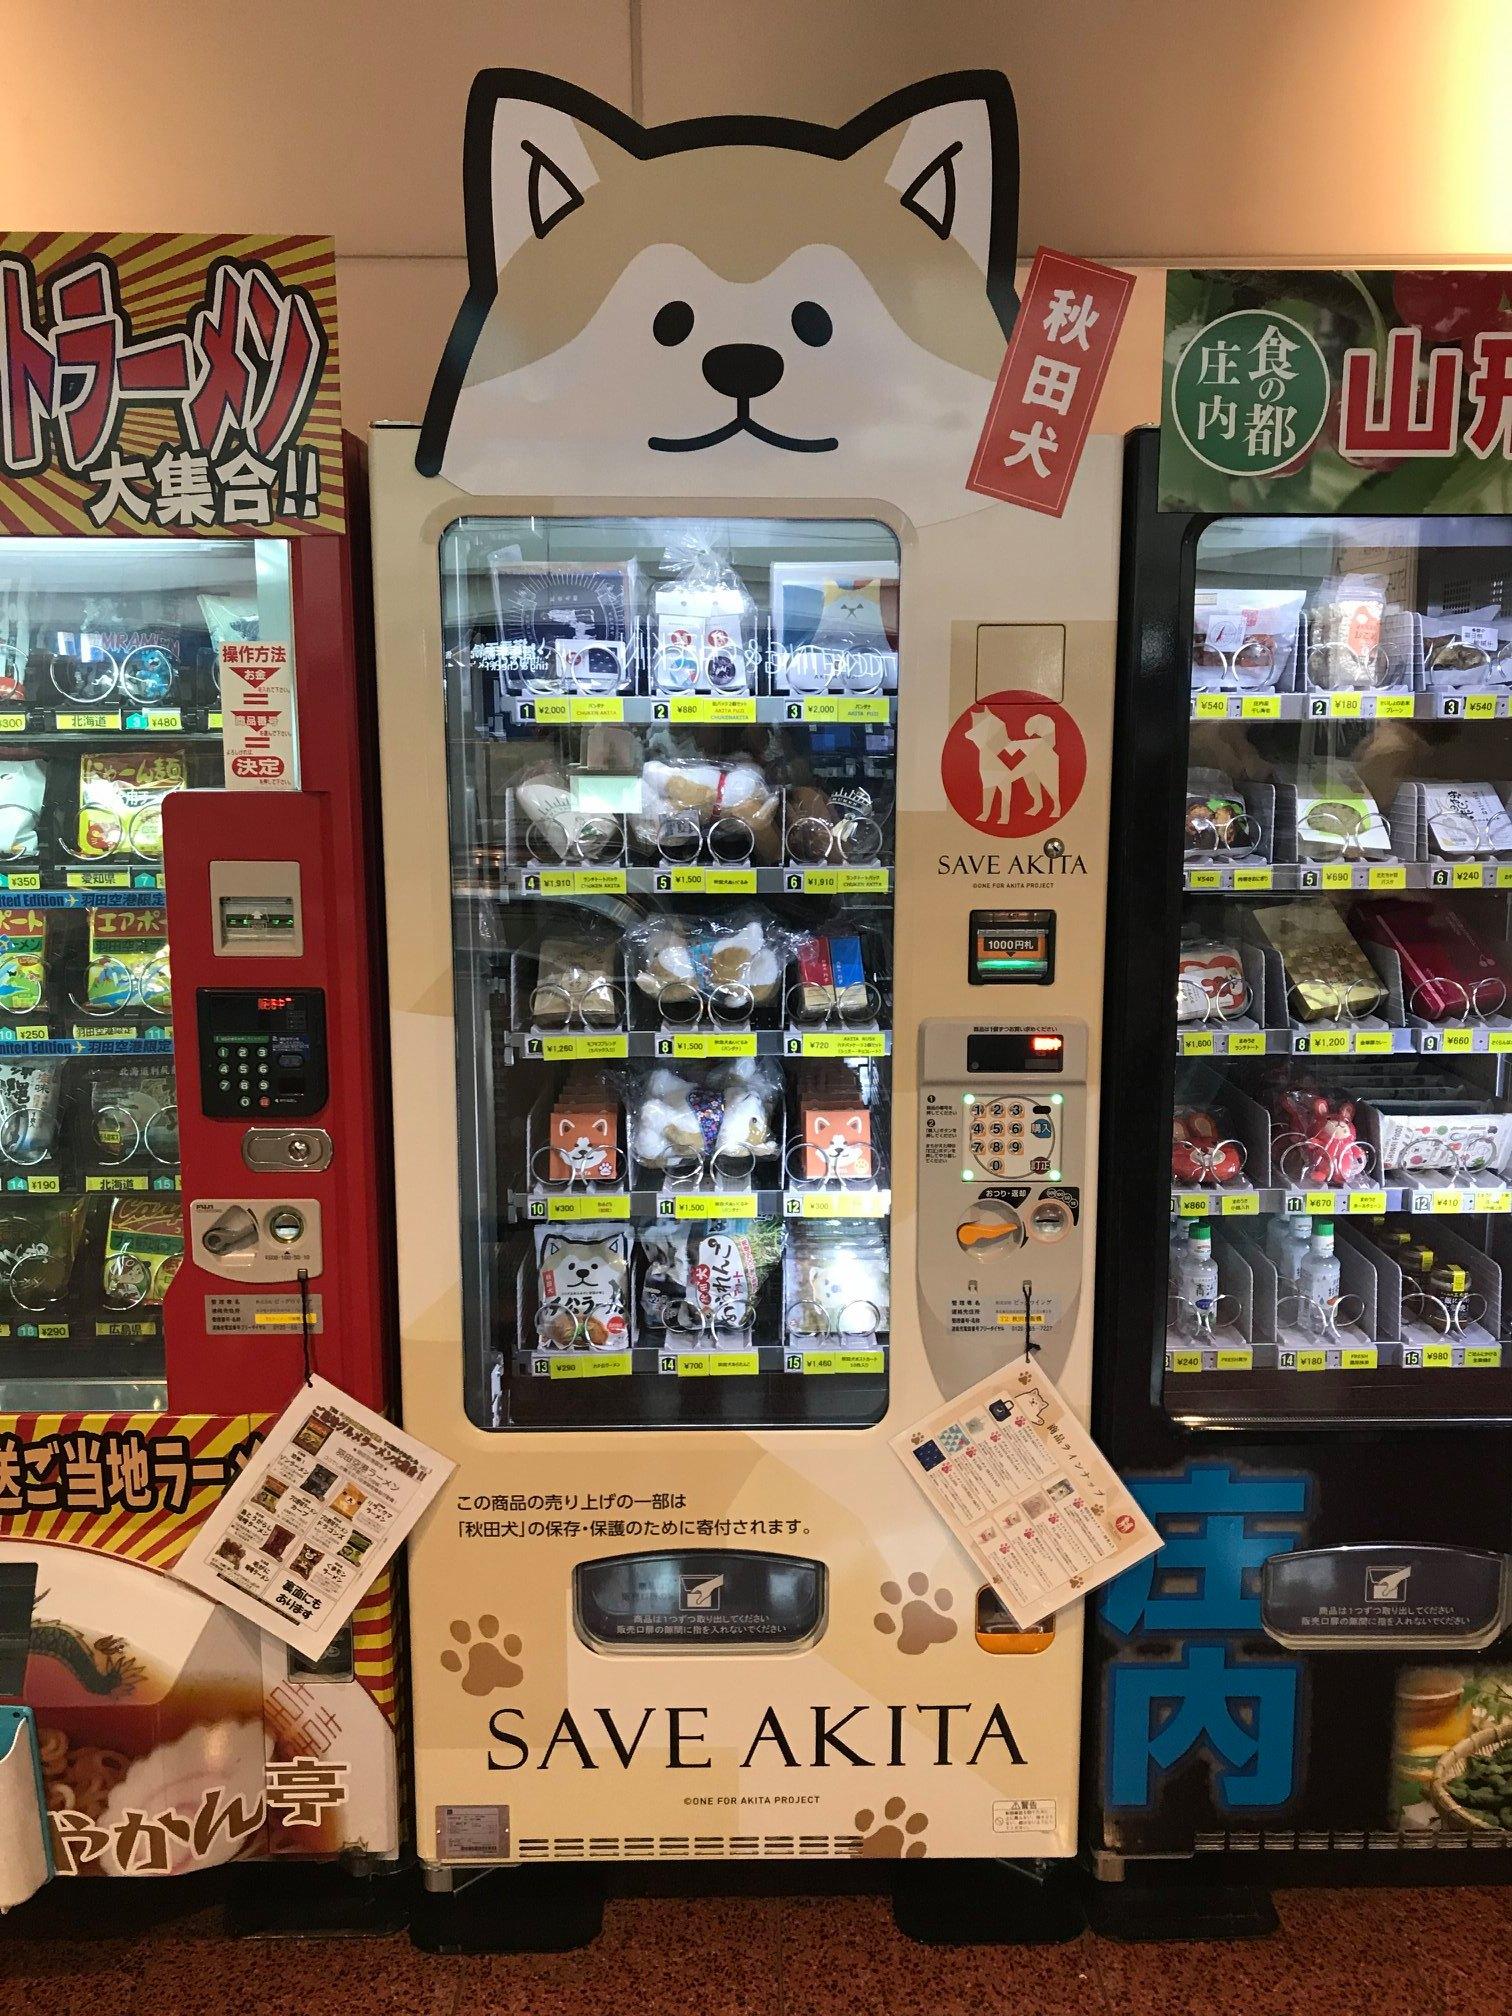 羽田空港に、自動販売機を設置していただきました!